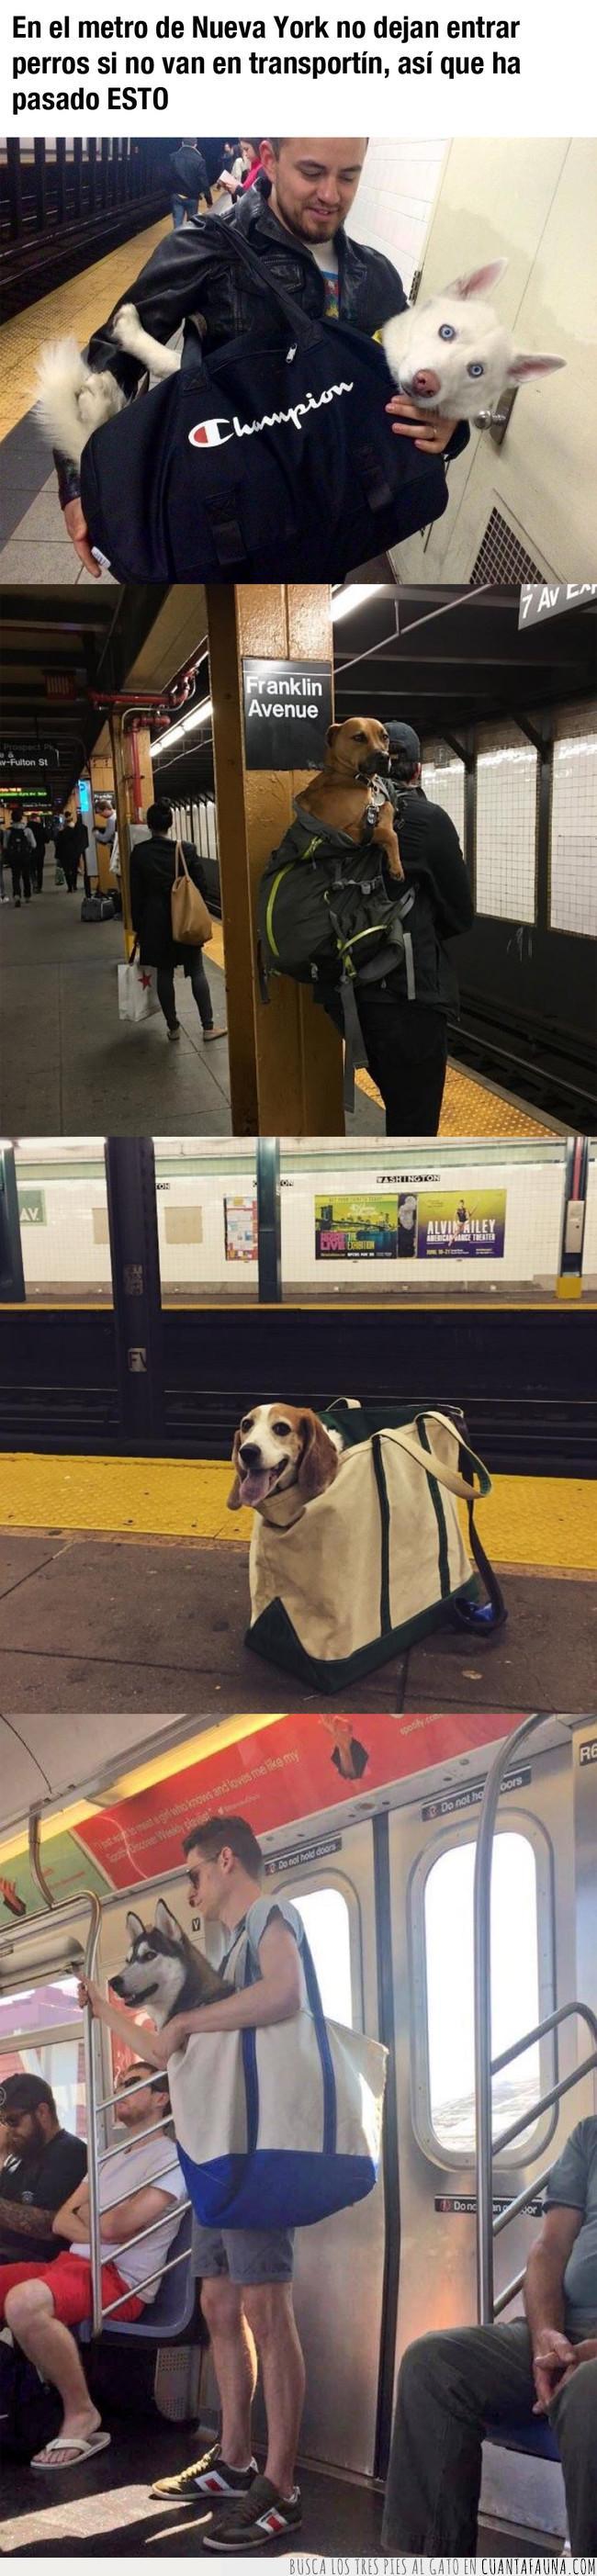 america,bolsas,bolsos,ciudad,dueños,ley,maletas,metro,normativa,nueva york,perros,público,transporte,transportín